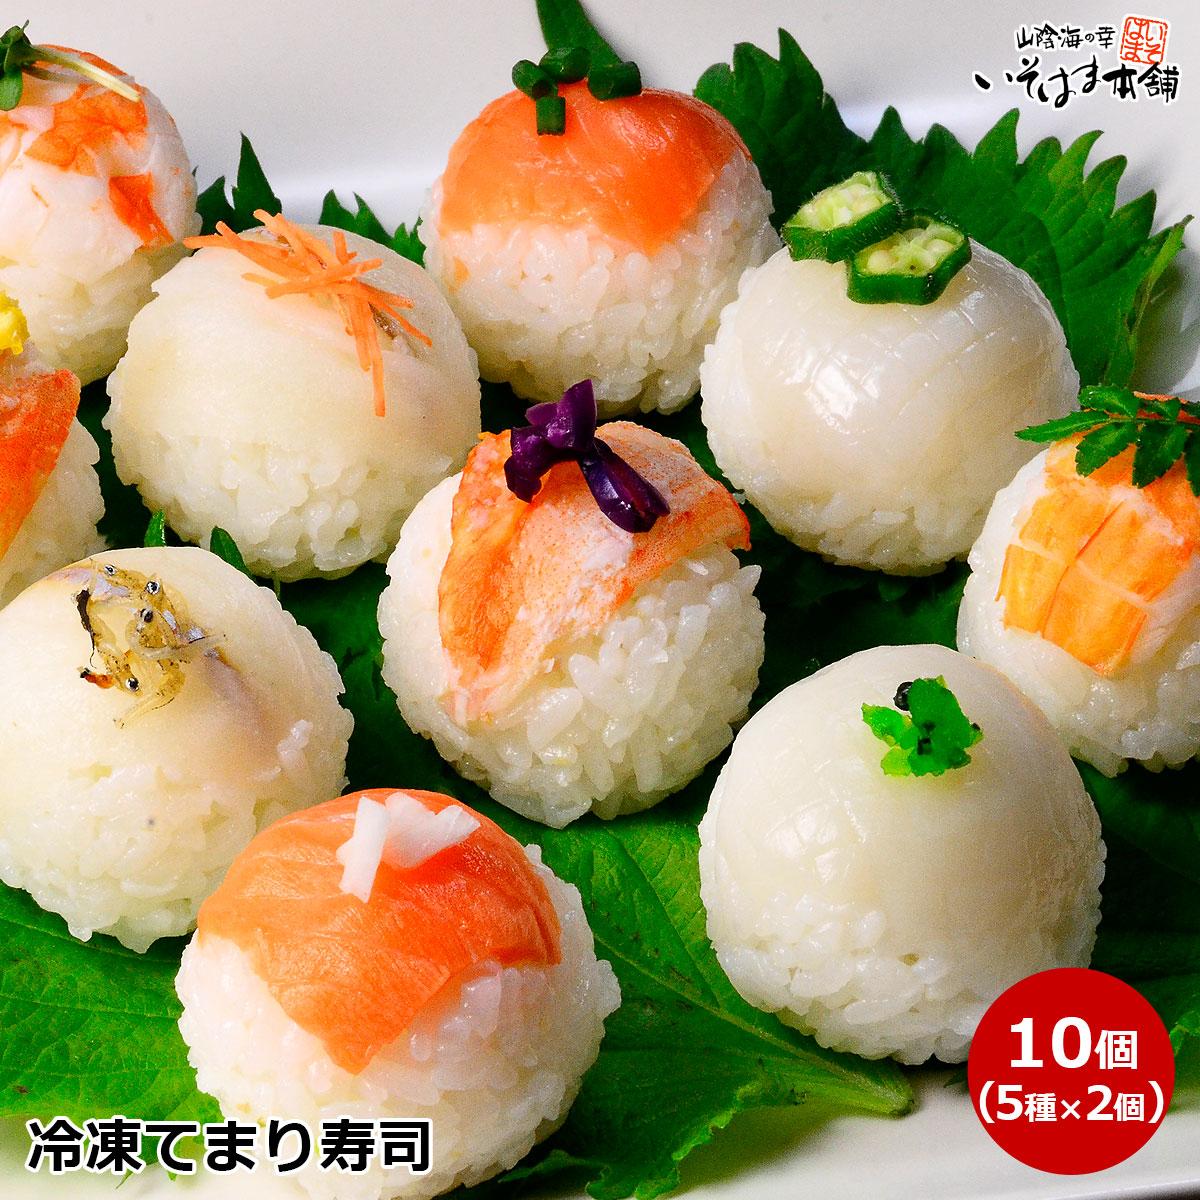 見た目も可愛い手まり寿司は パーティに集まりに喜ばれます 寿司ネタは さけ いか かに えび きすの5種 冷凍保存ができ 解凍してもご飯が固くなりません 一口サイズで可愛い 解凍するだけ簡単お寿司 冷凍てまり 手まり 烏賊 10個入りパーティーや子供会 付与 エビ キスの5種が2個ずつ入っています 蟹 手毬 再入荷 予約販売 イカ 女性やお子様にぴったりです 海老 寿司 サケ ママ会などに カニ 鮭